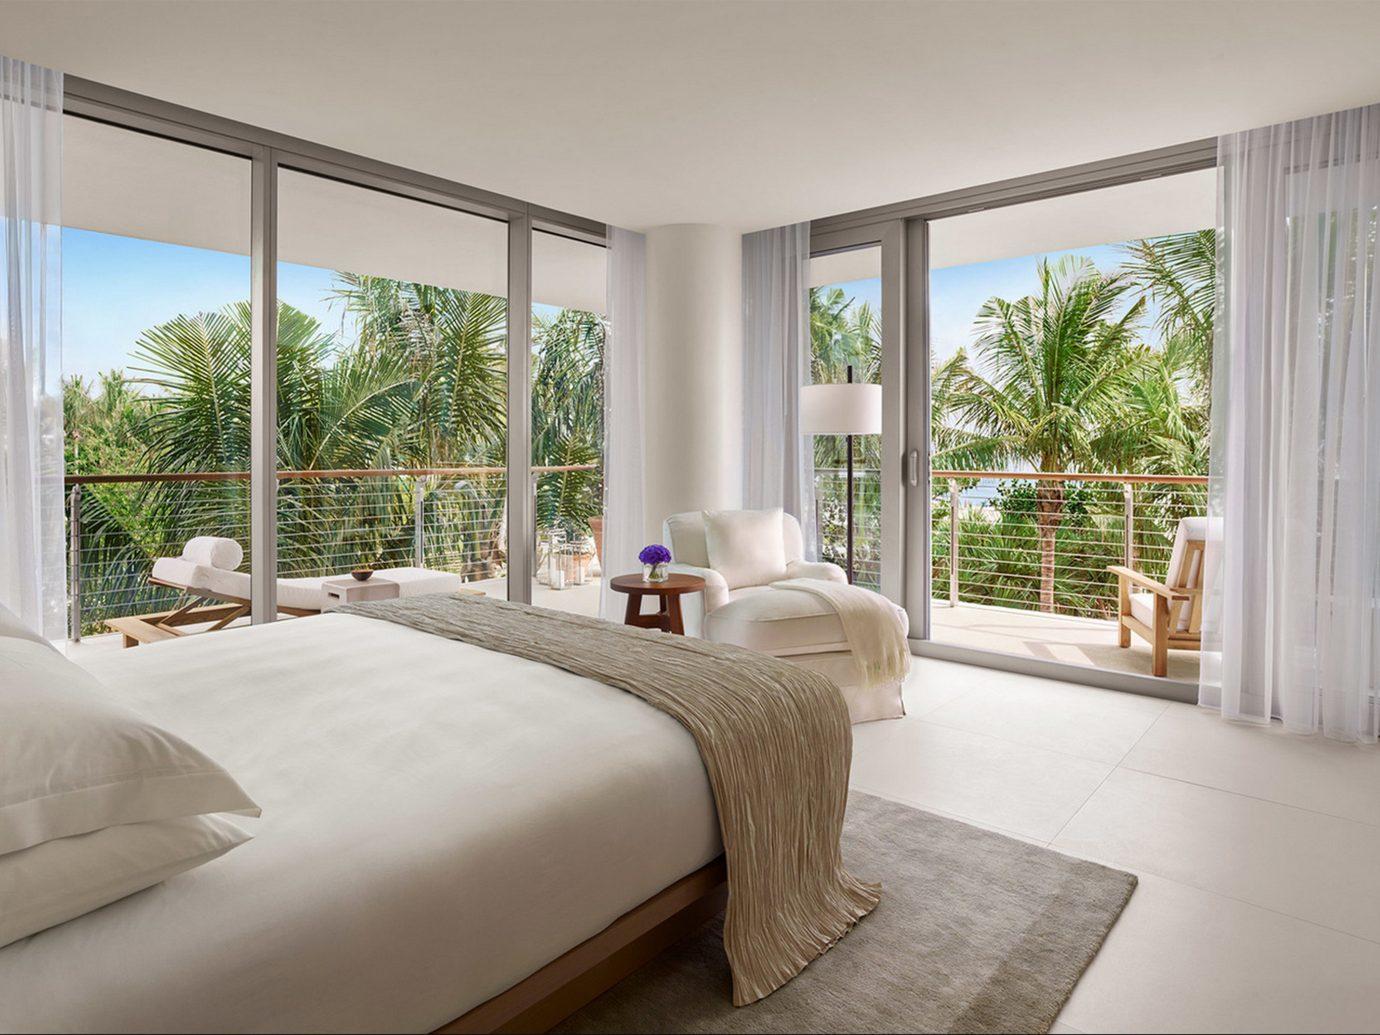 Bedroom at Miami EDITION